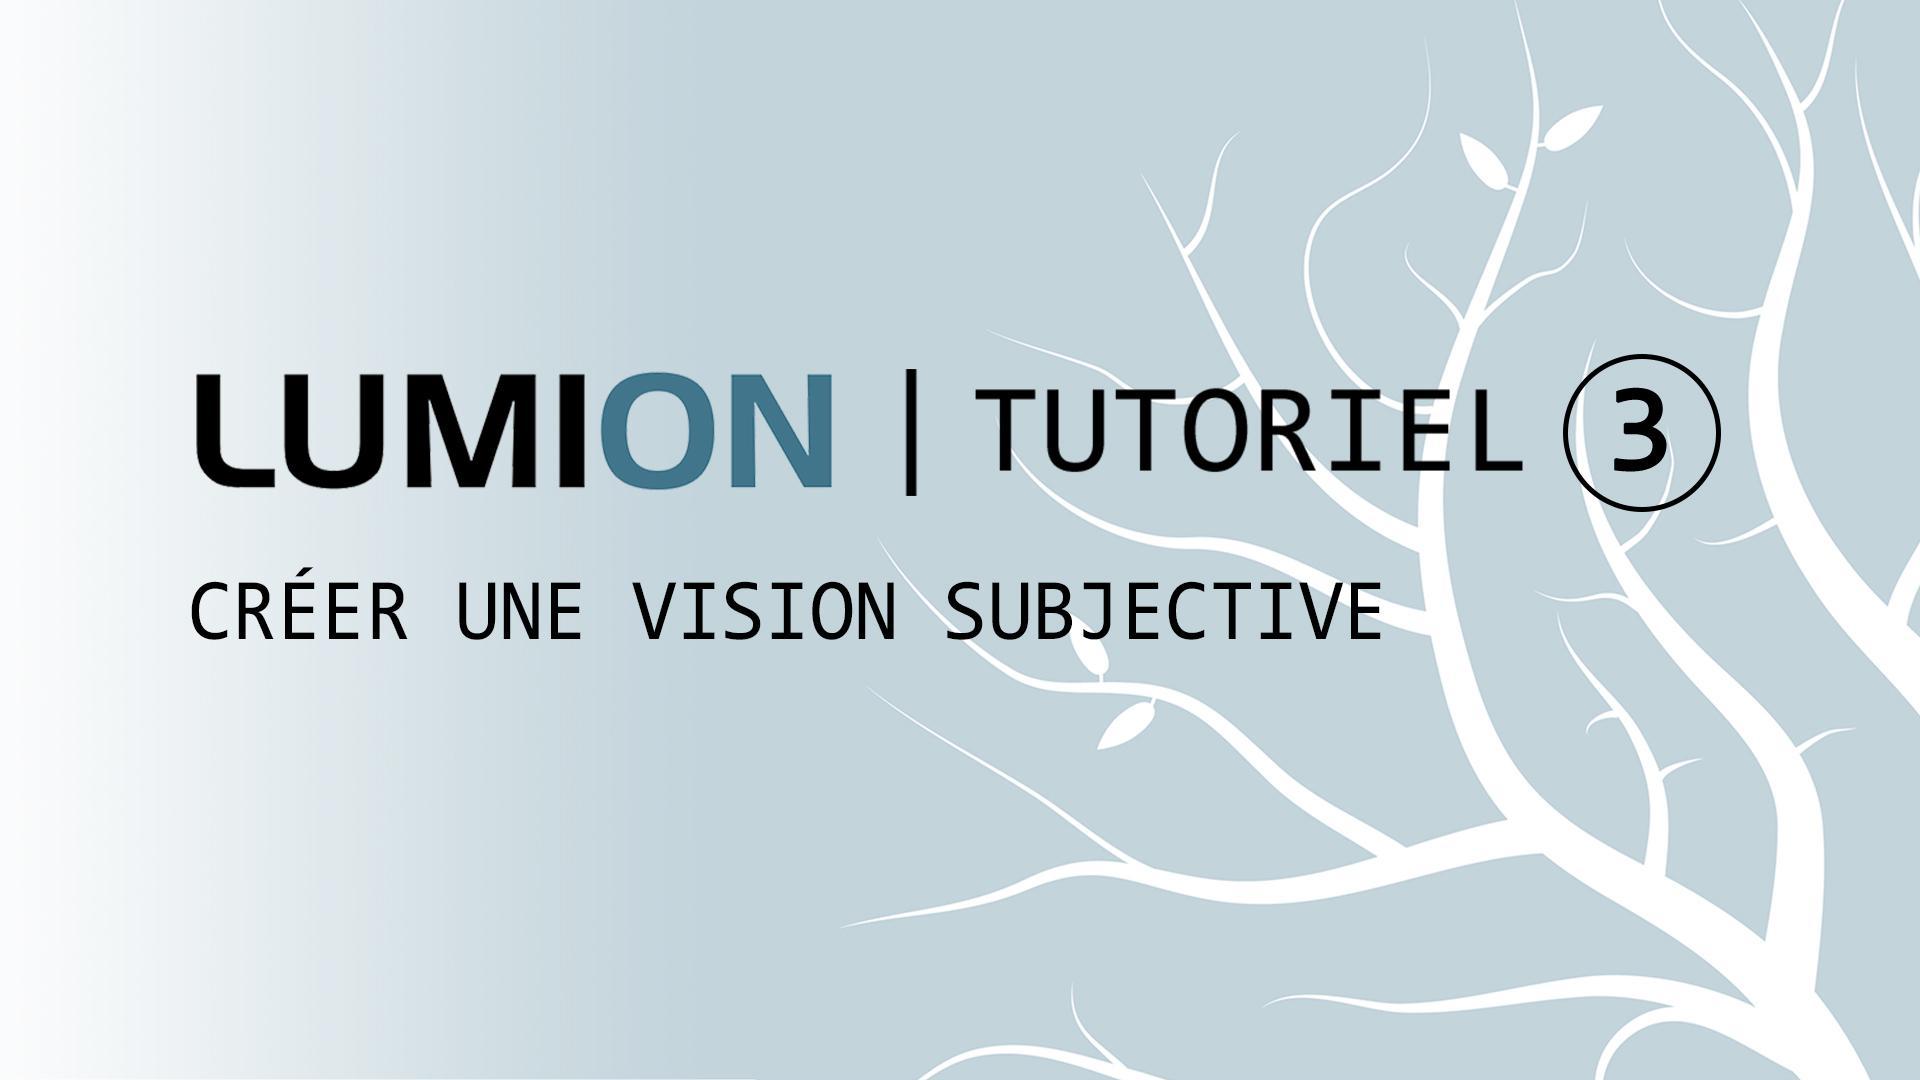 Tutoriel 3: Créer une vision subjective